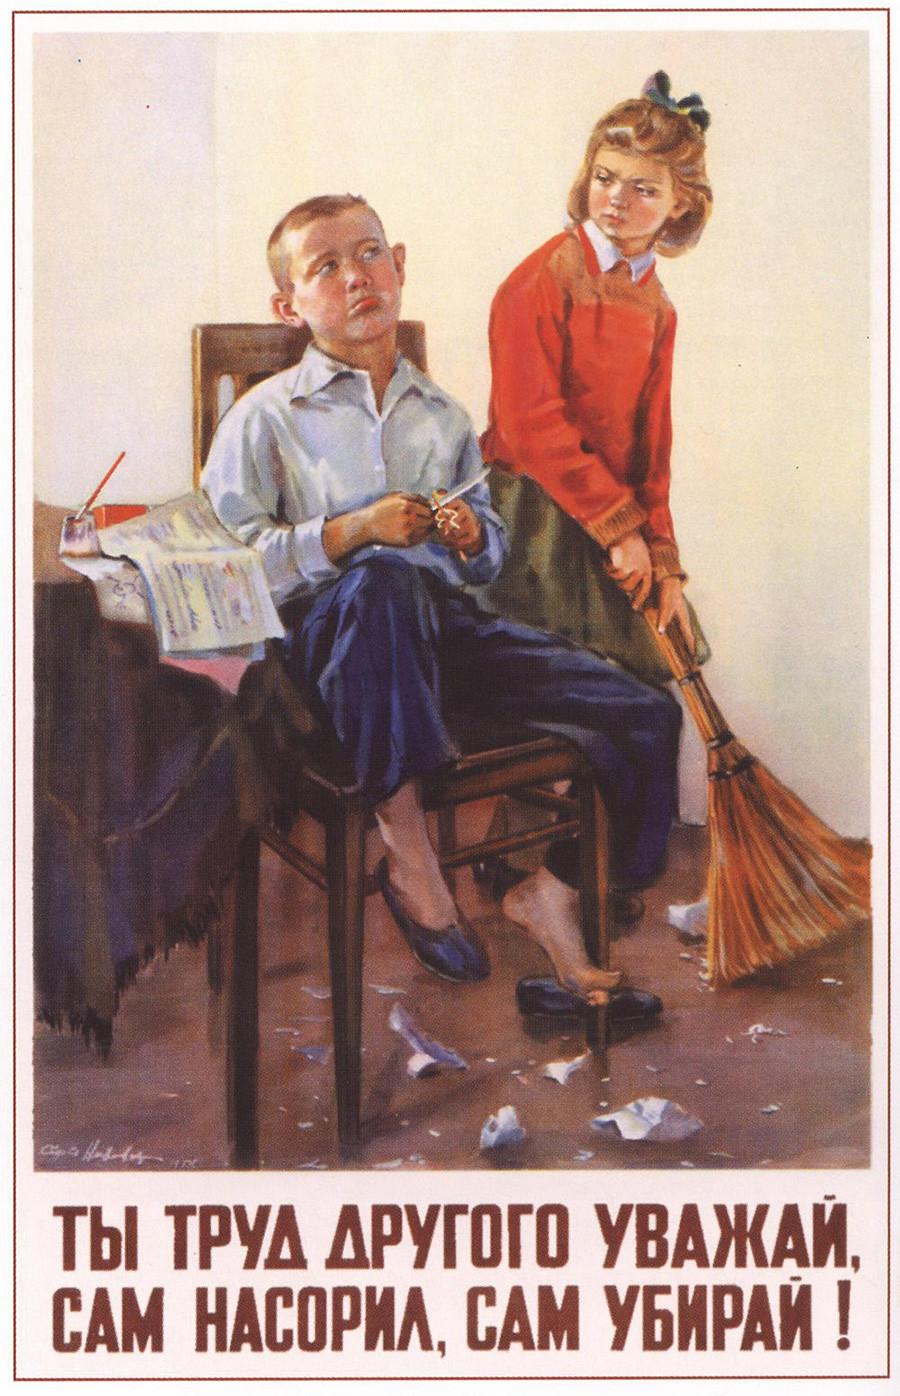 Respecte le travail des autres, nettoie après toi-même.